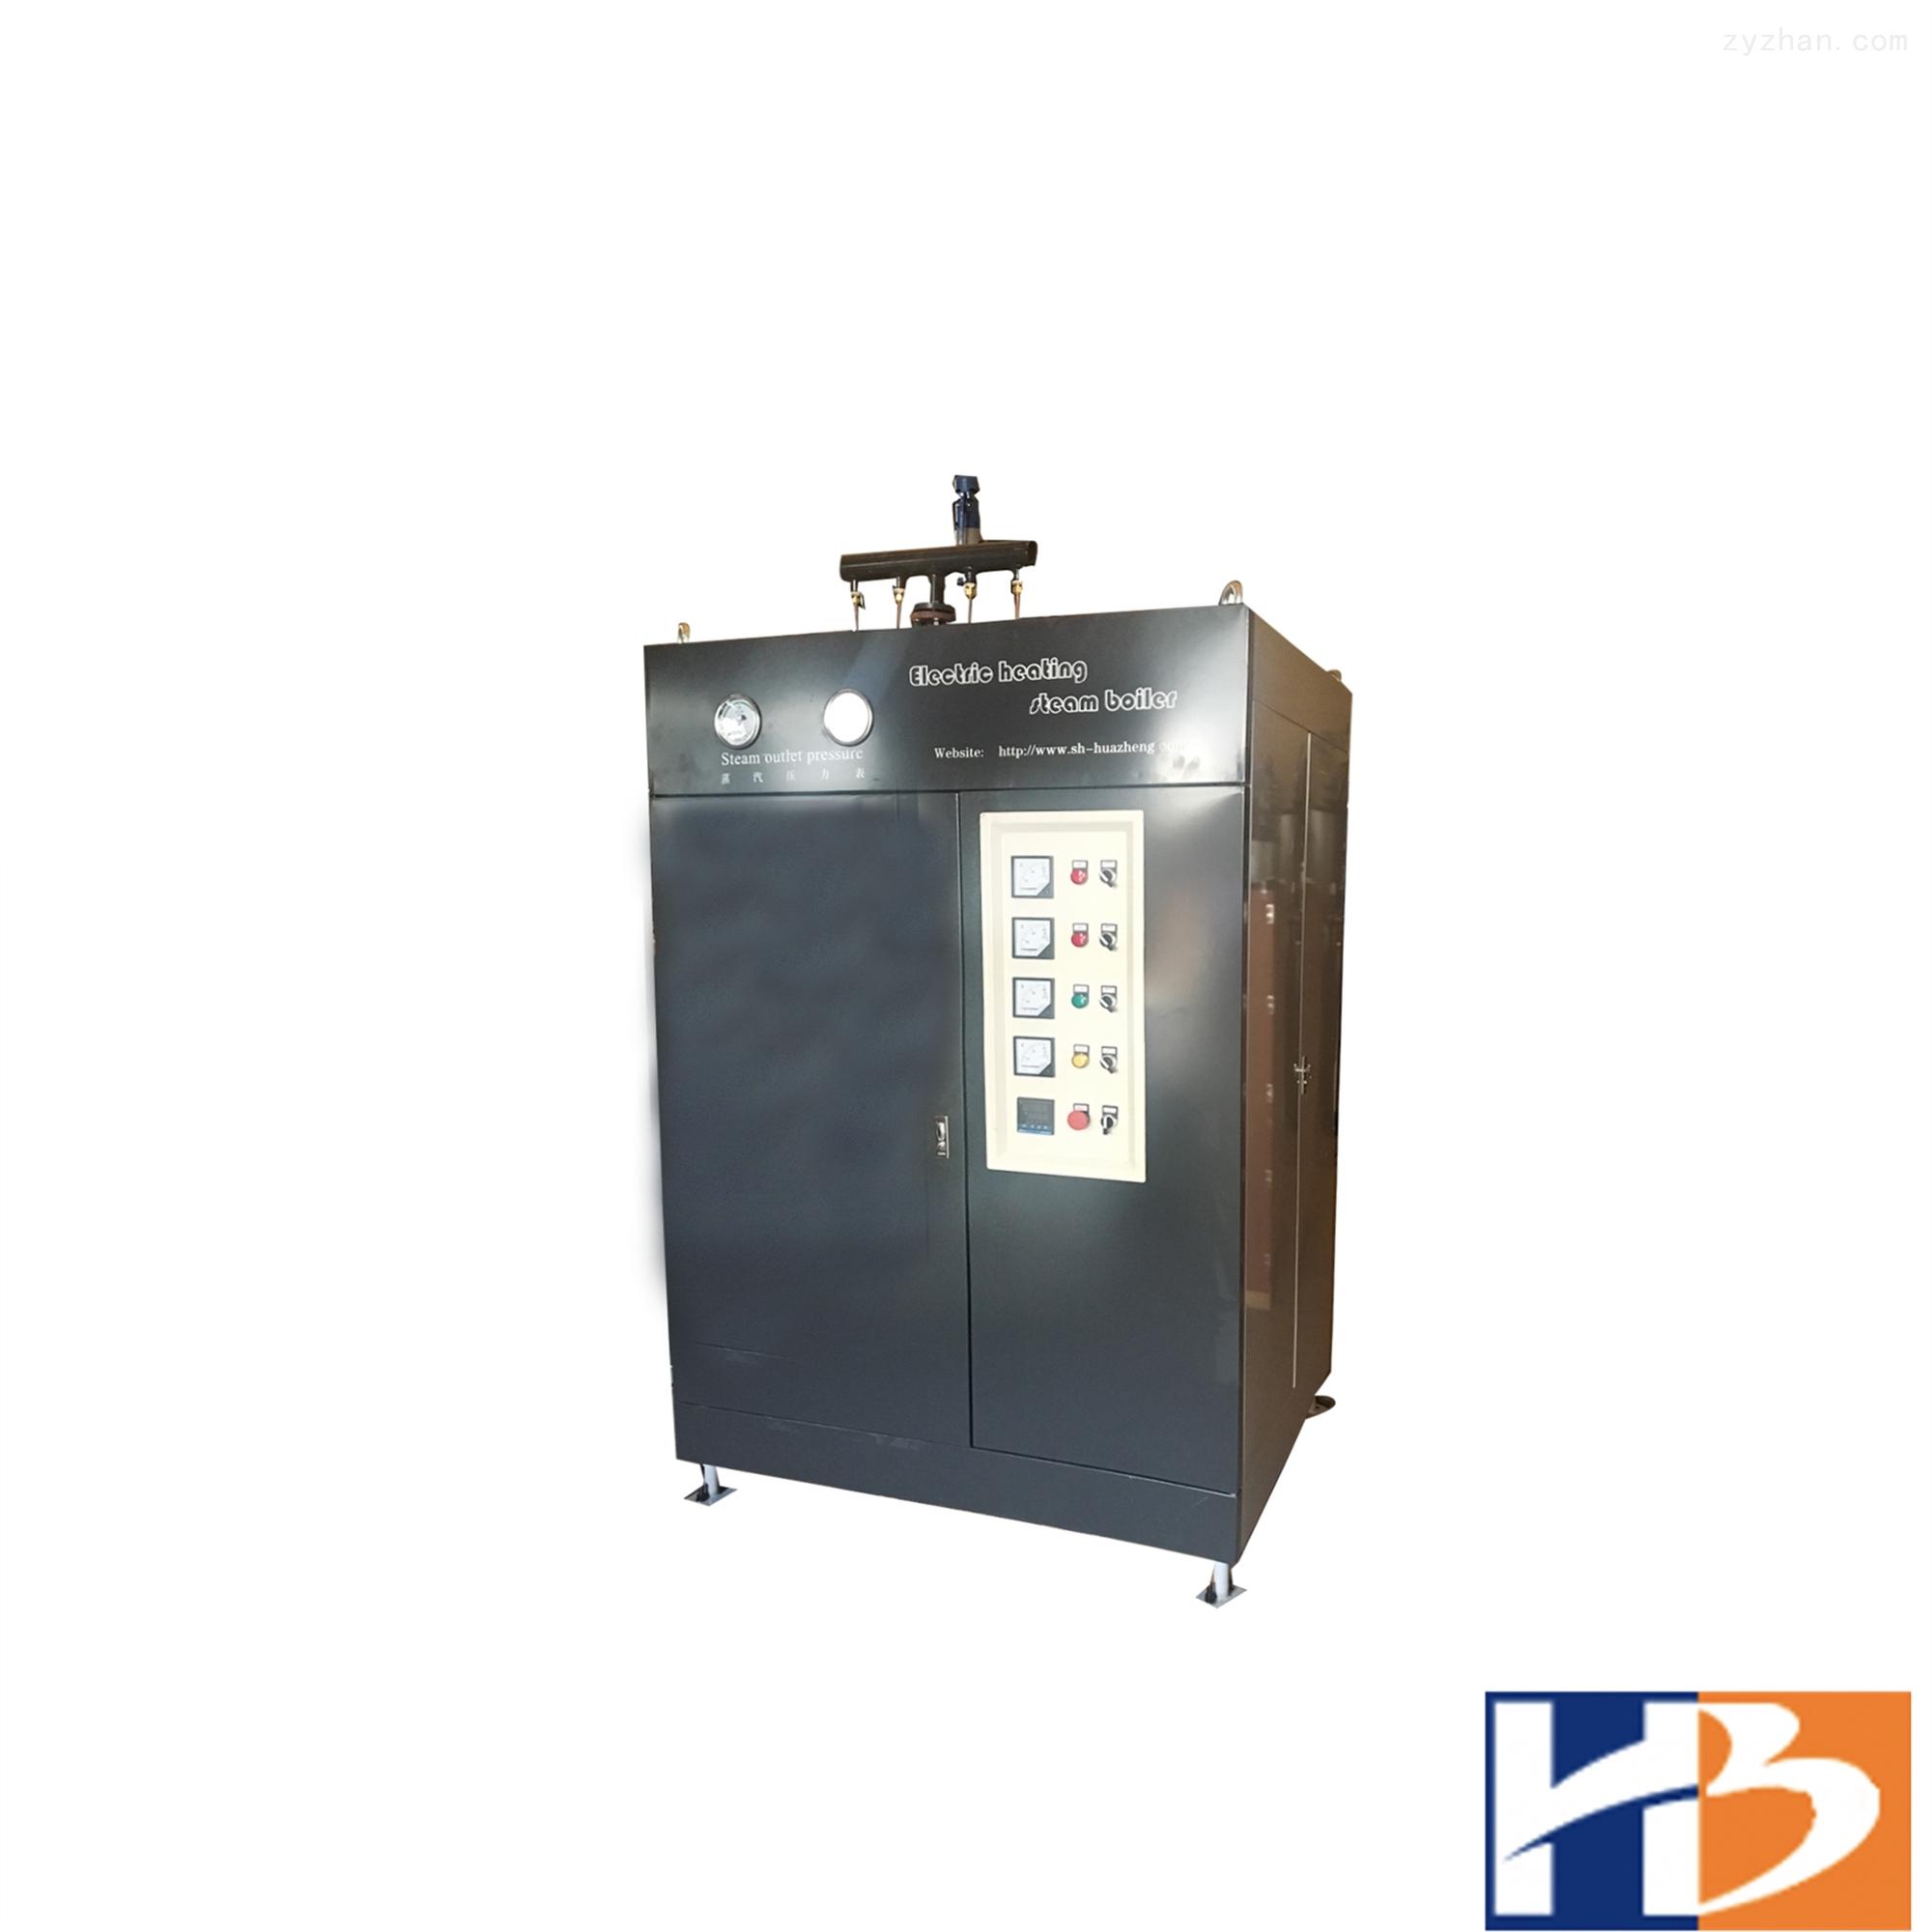 供应全自动电锅炉、蒸汽发生器 HX-108D-0.7